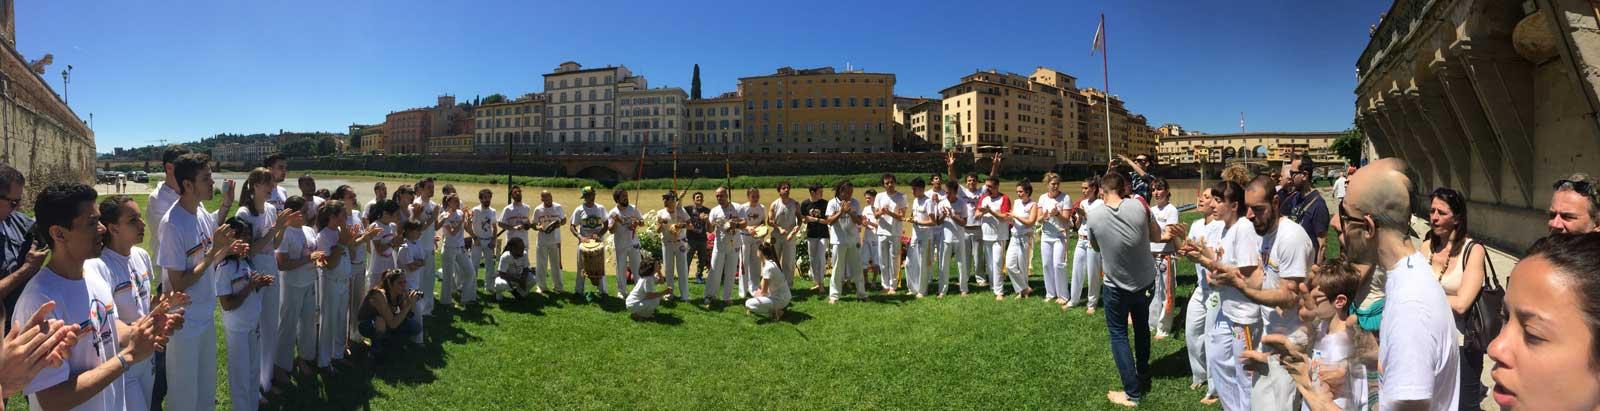 capoeira-firenze-escola-regional